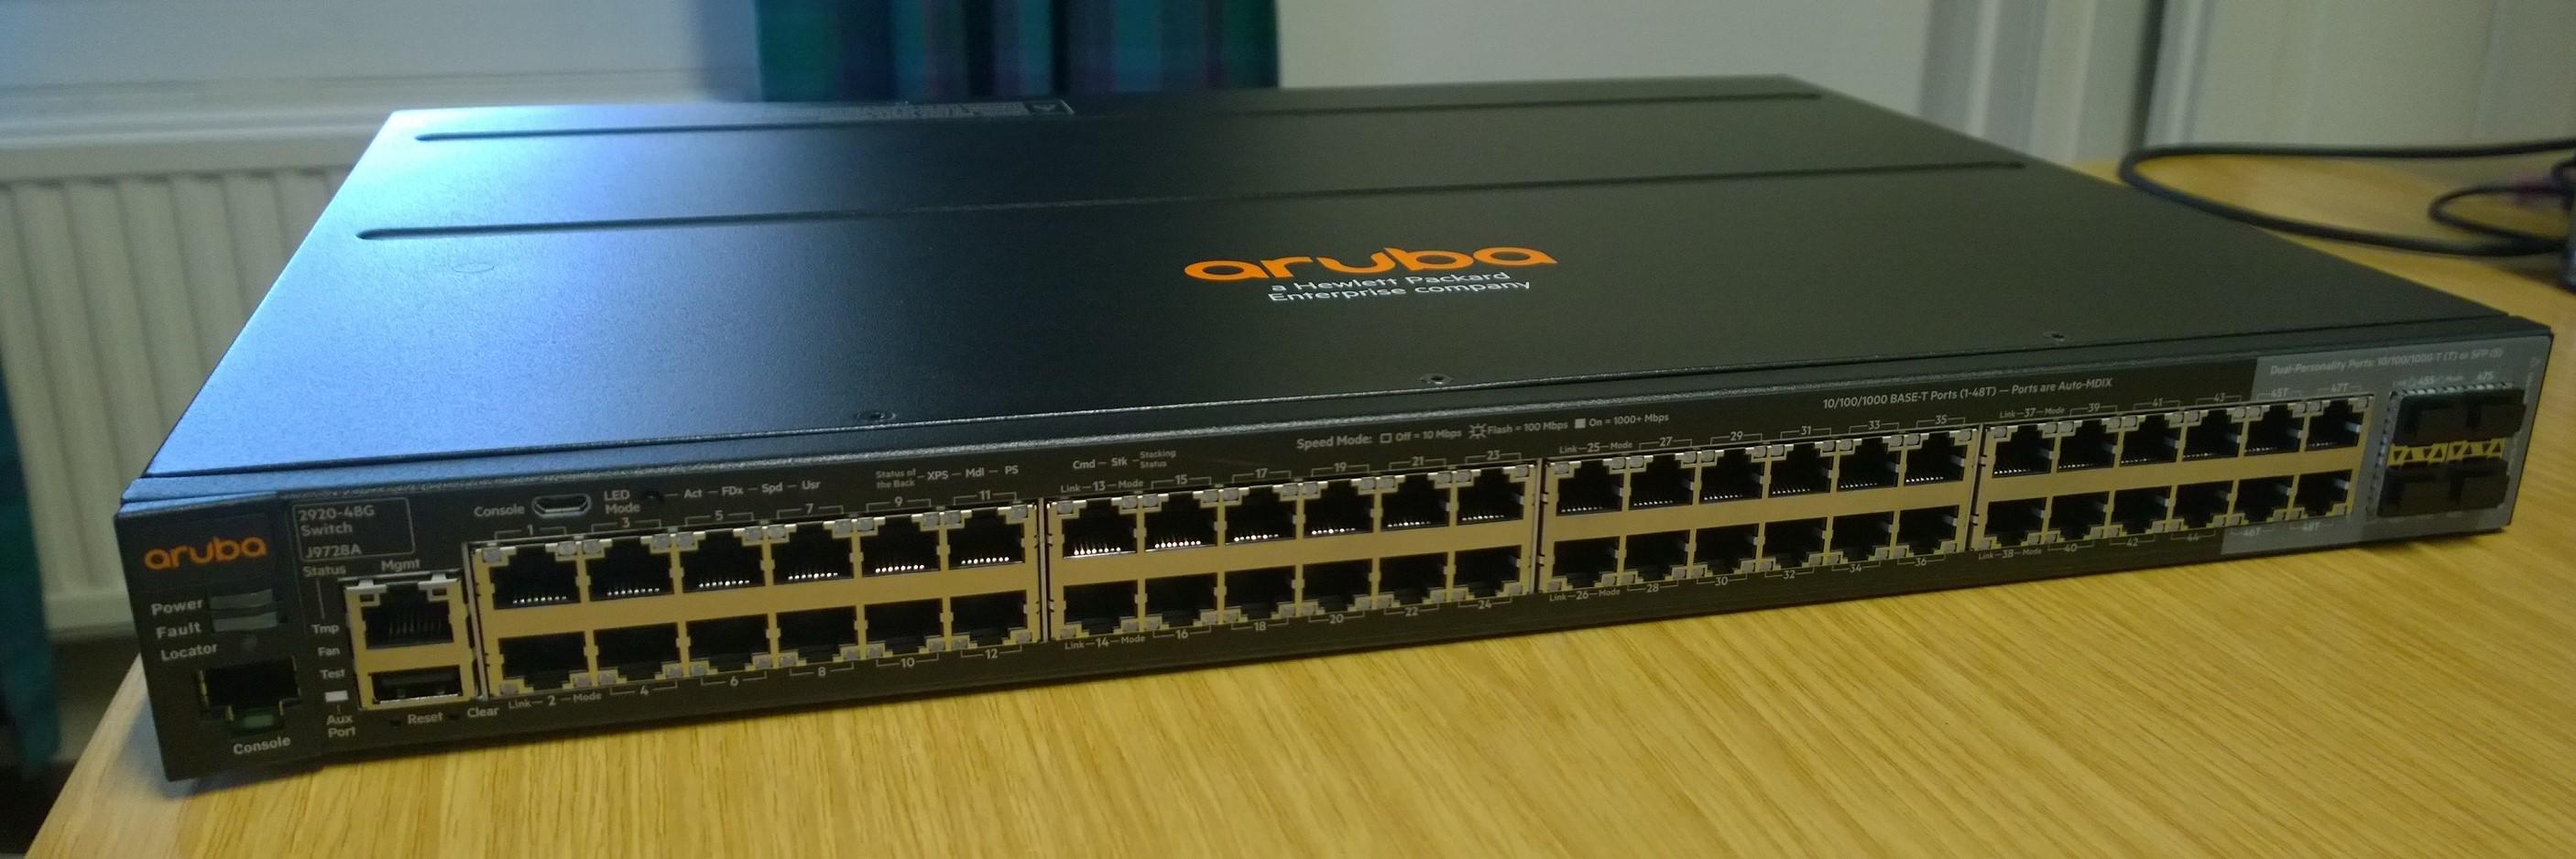 hp 2530-48g switch j9775a firmware update